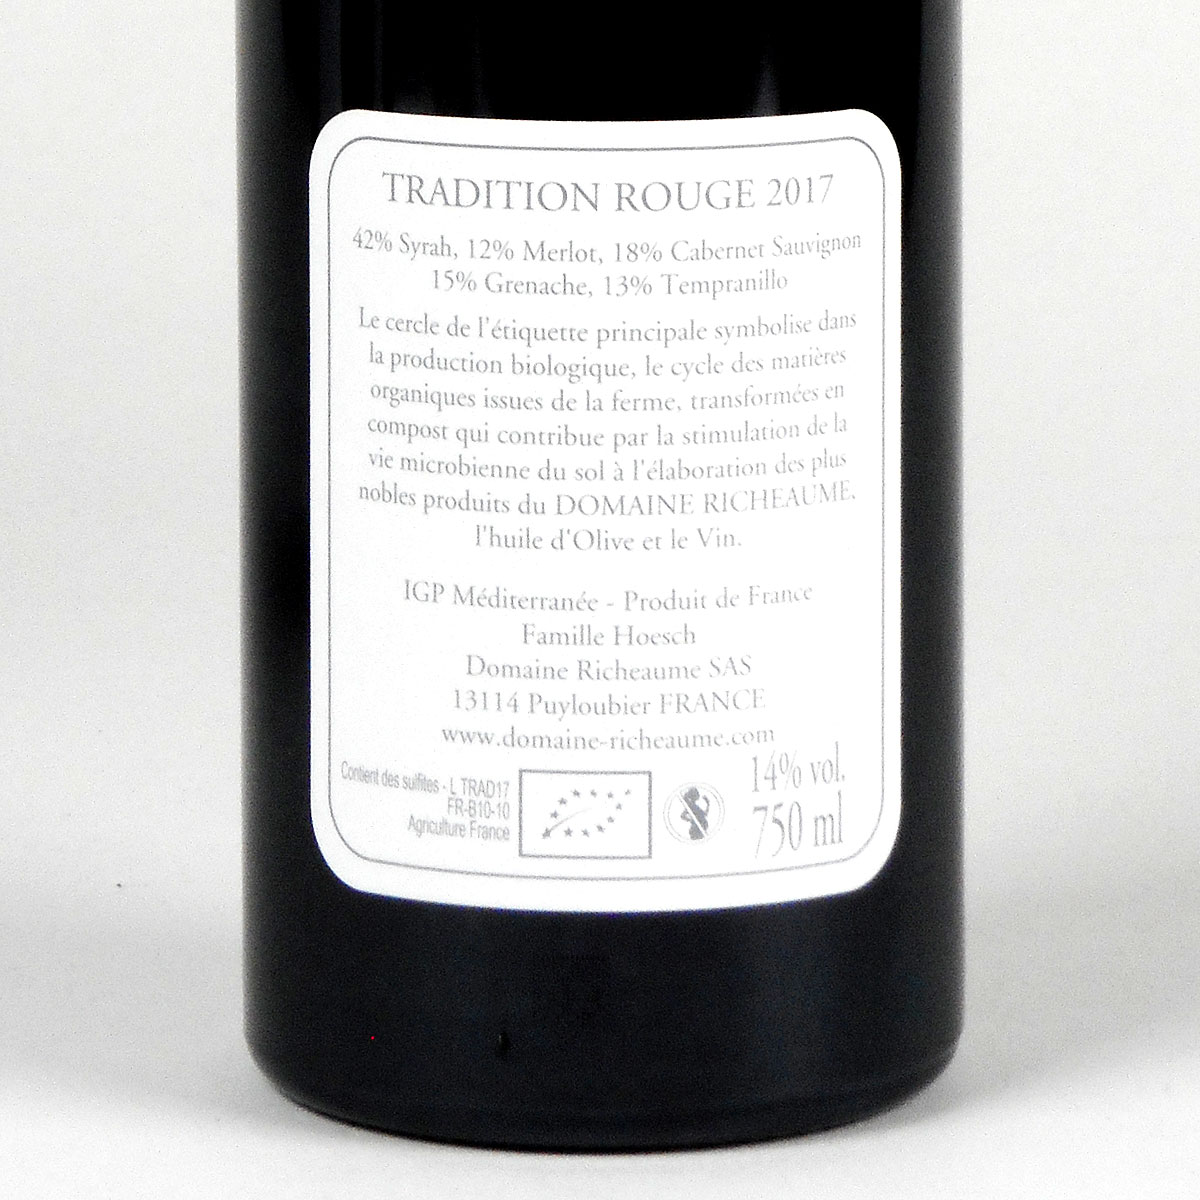 IGP Méditerranée: Domaine Richeaume 'Cuvée Tradition' 2017 - Rear Label